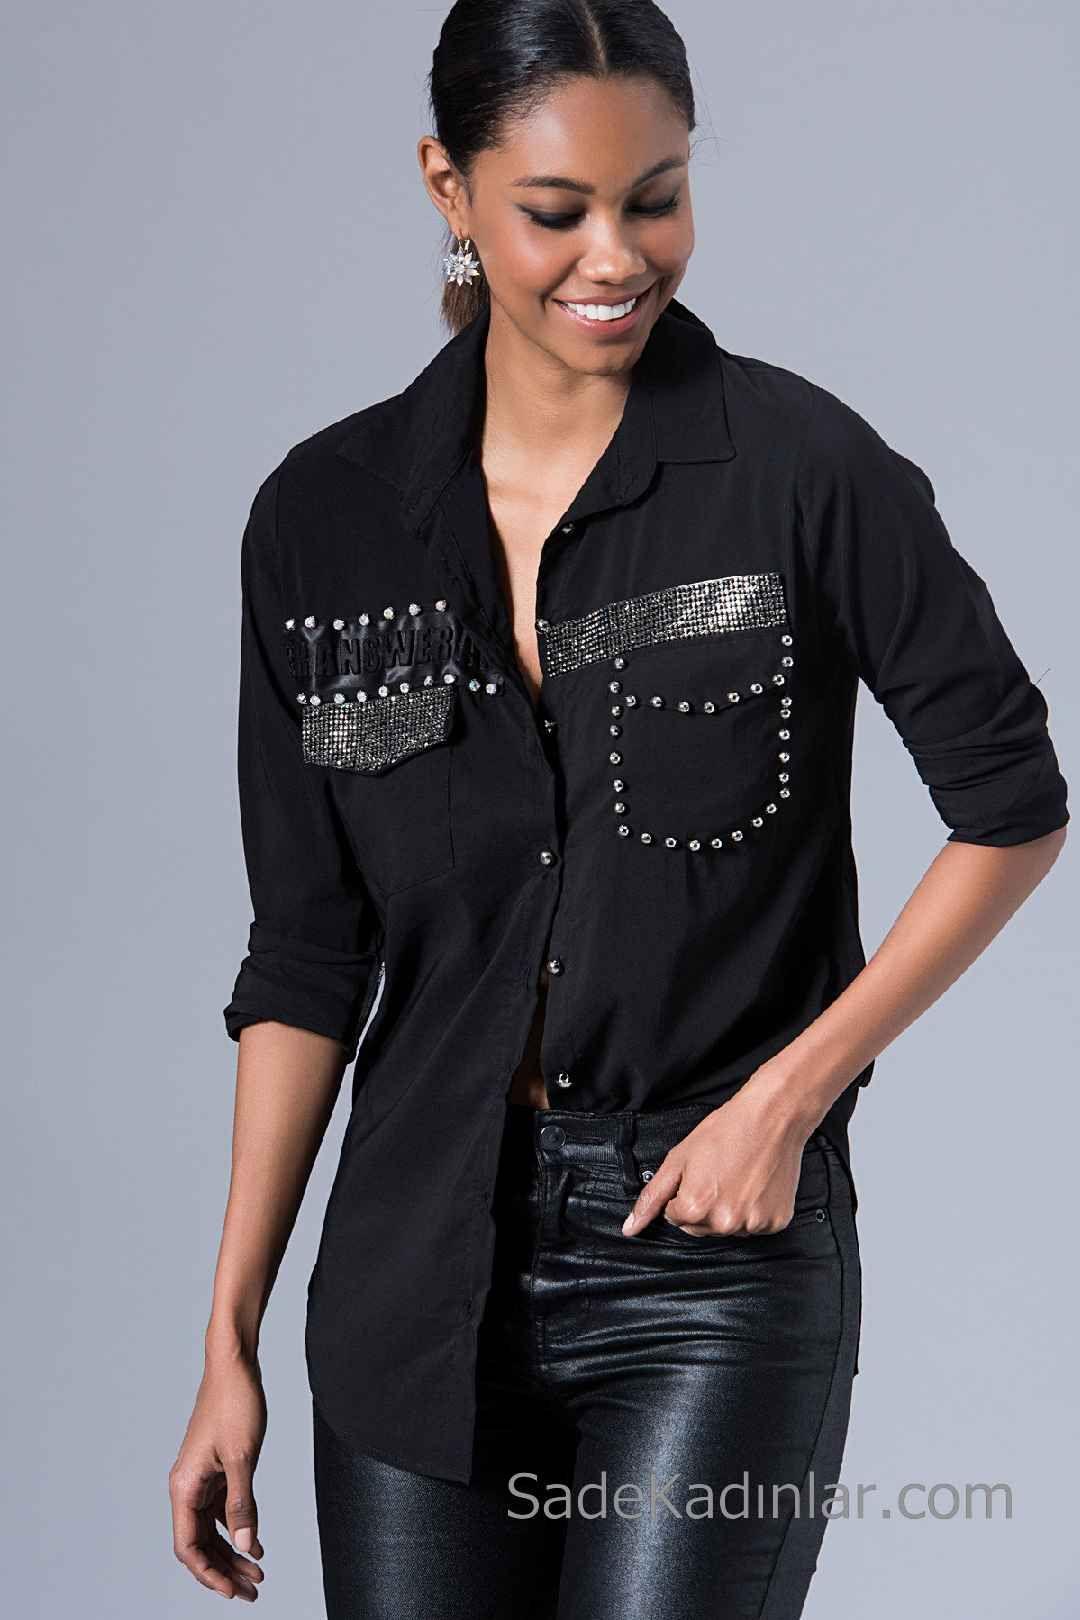 Siyah Gomlek Modelleri Uzun Kollu On Kismi Tas Islemeli Buyuk Beden Modasi Moda Stilleri Battal Boy Kiyafetler